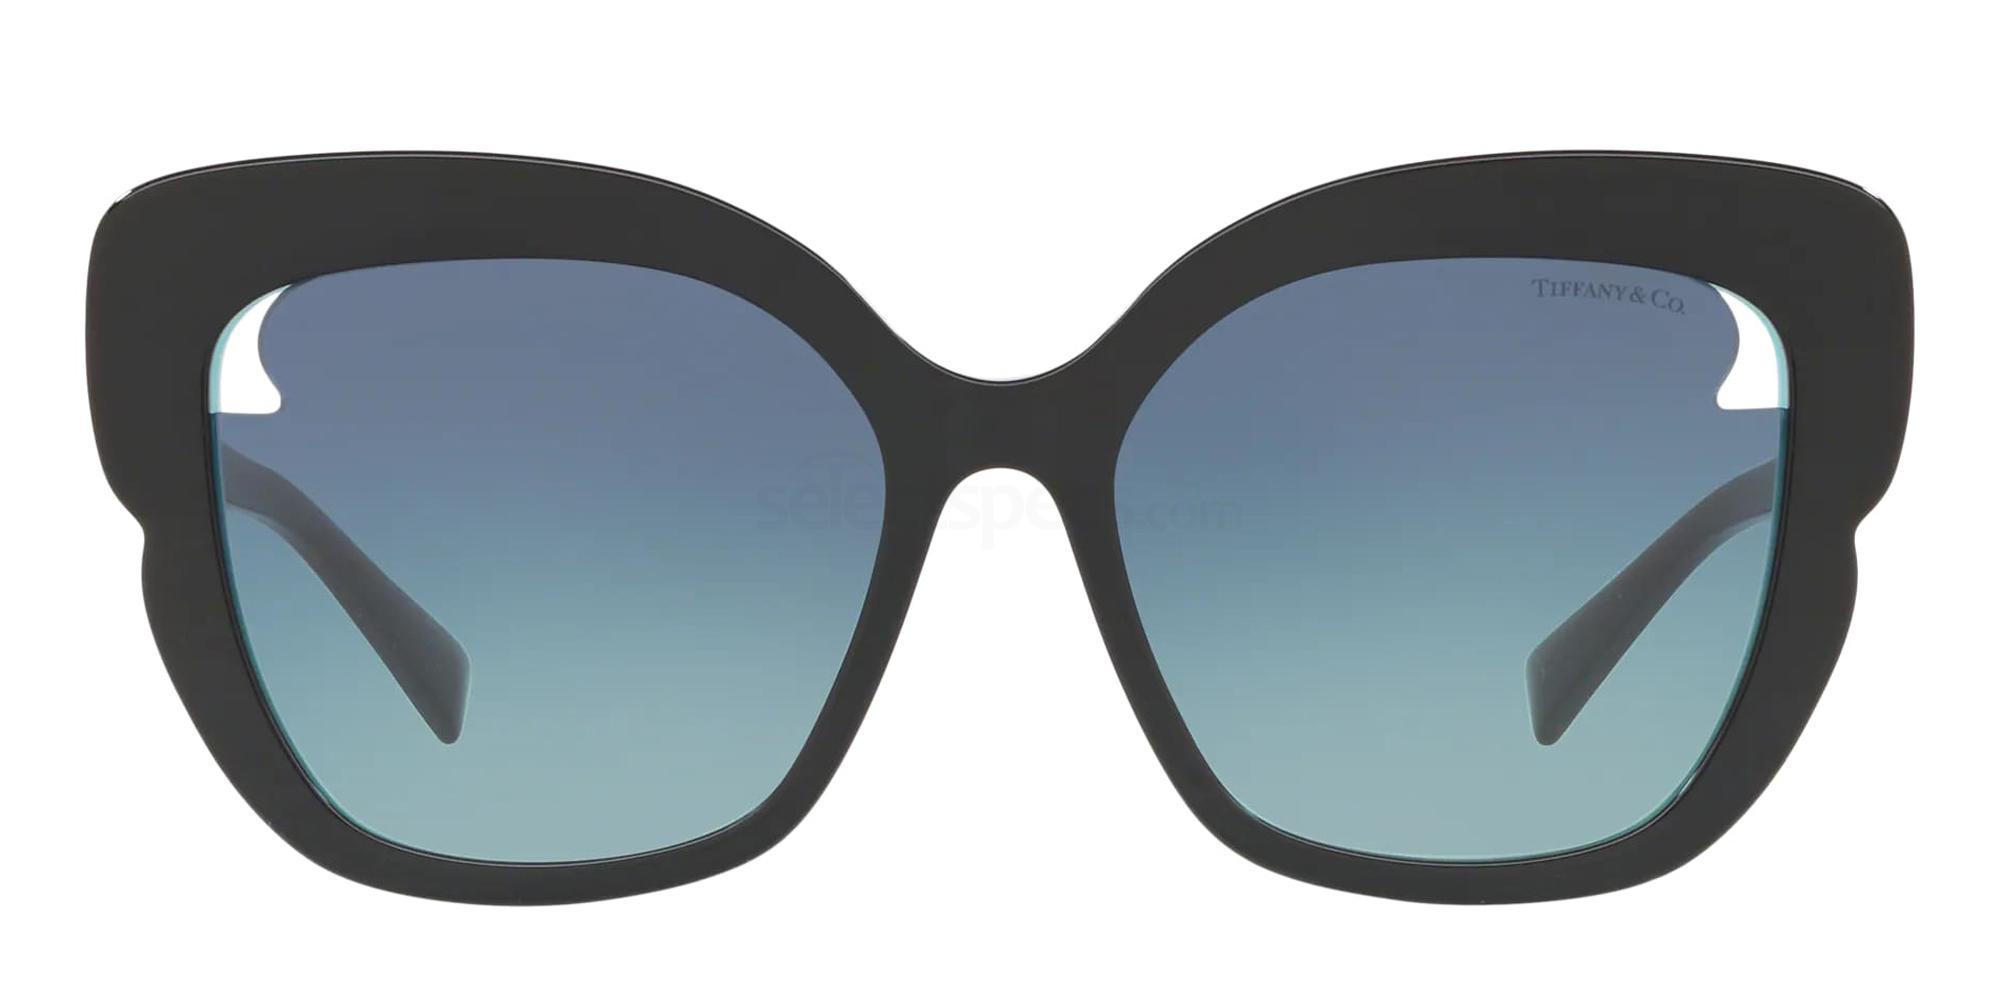 80559S TF4161 Sunglasses, Tiffany & Co.